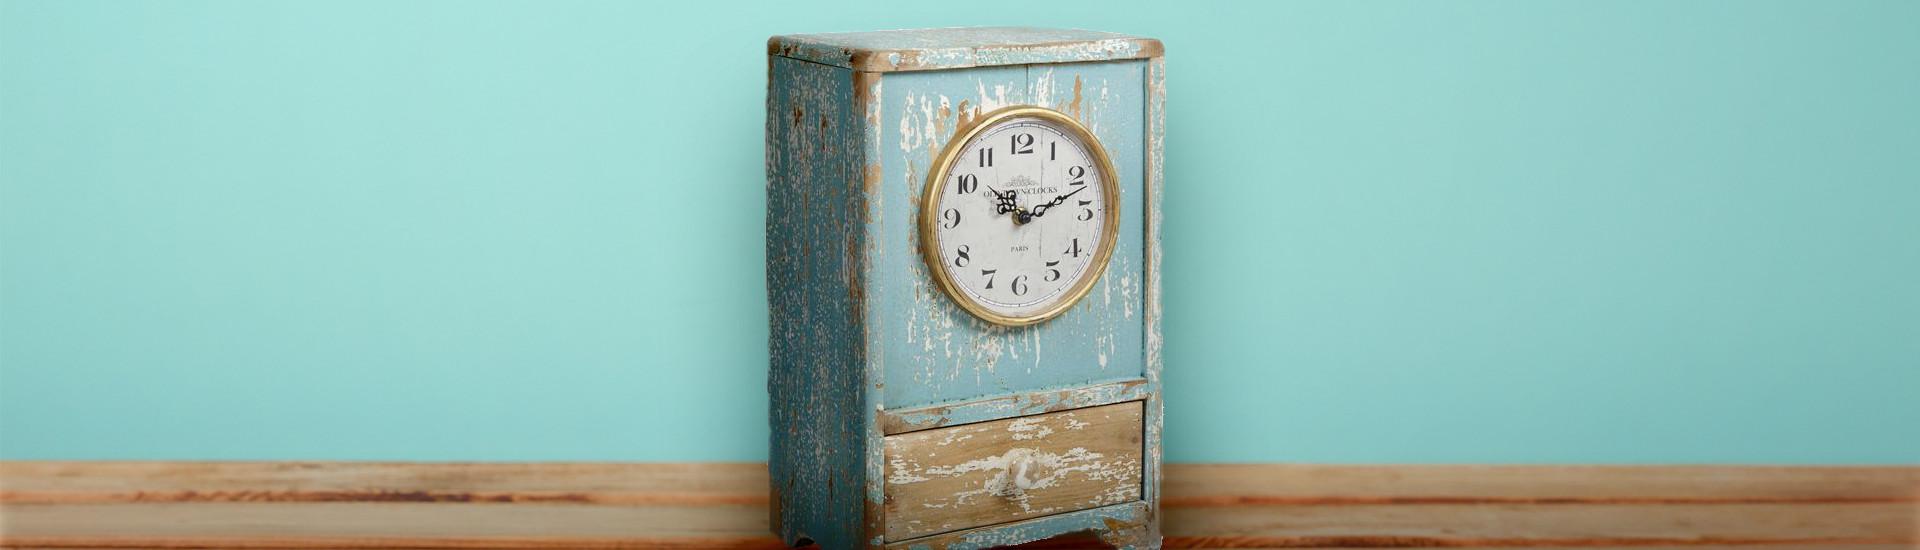 €59 για ένα Ξύλινο ρολόι Homania